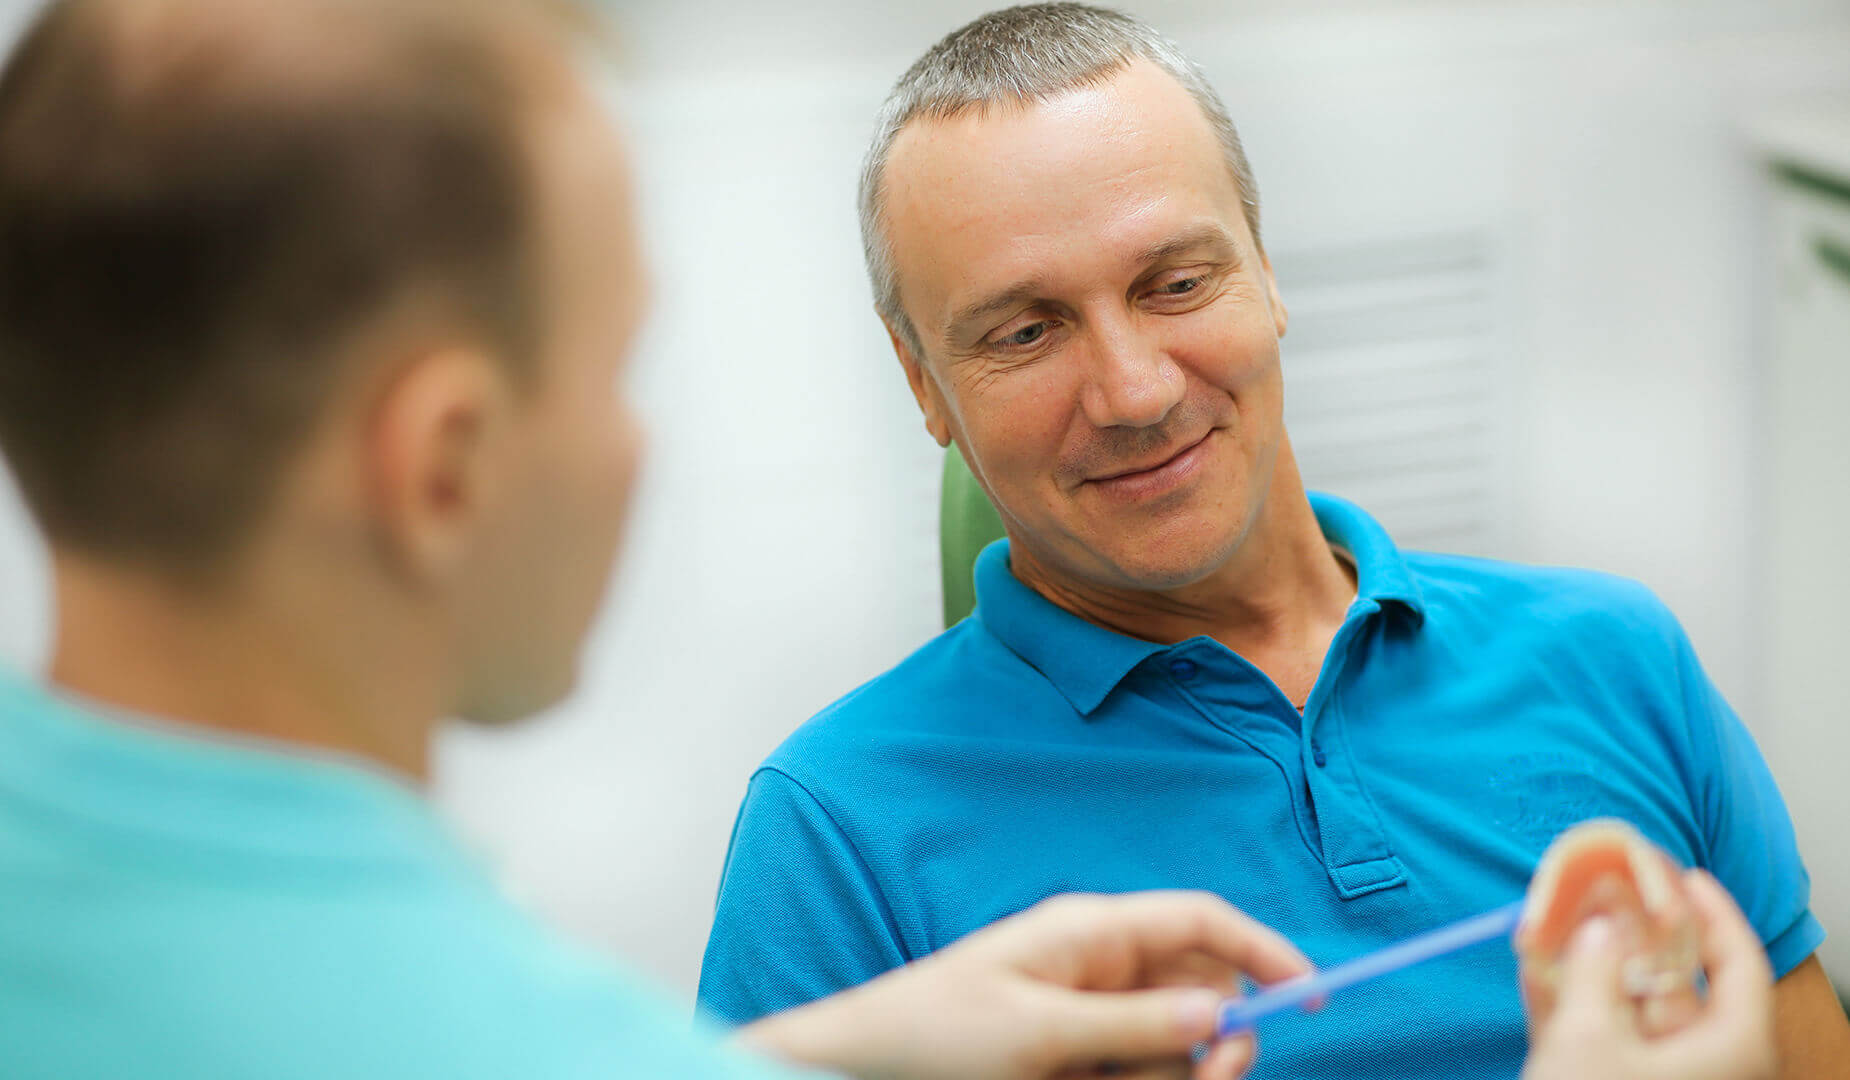 Врач рассказывает пациенту об особенностях ухода